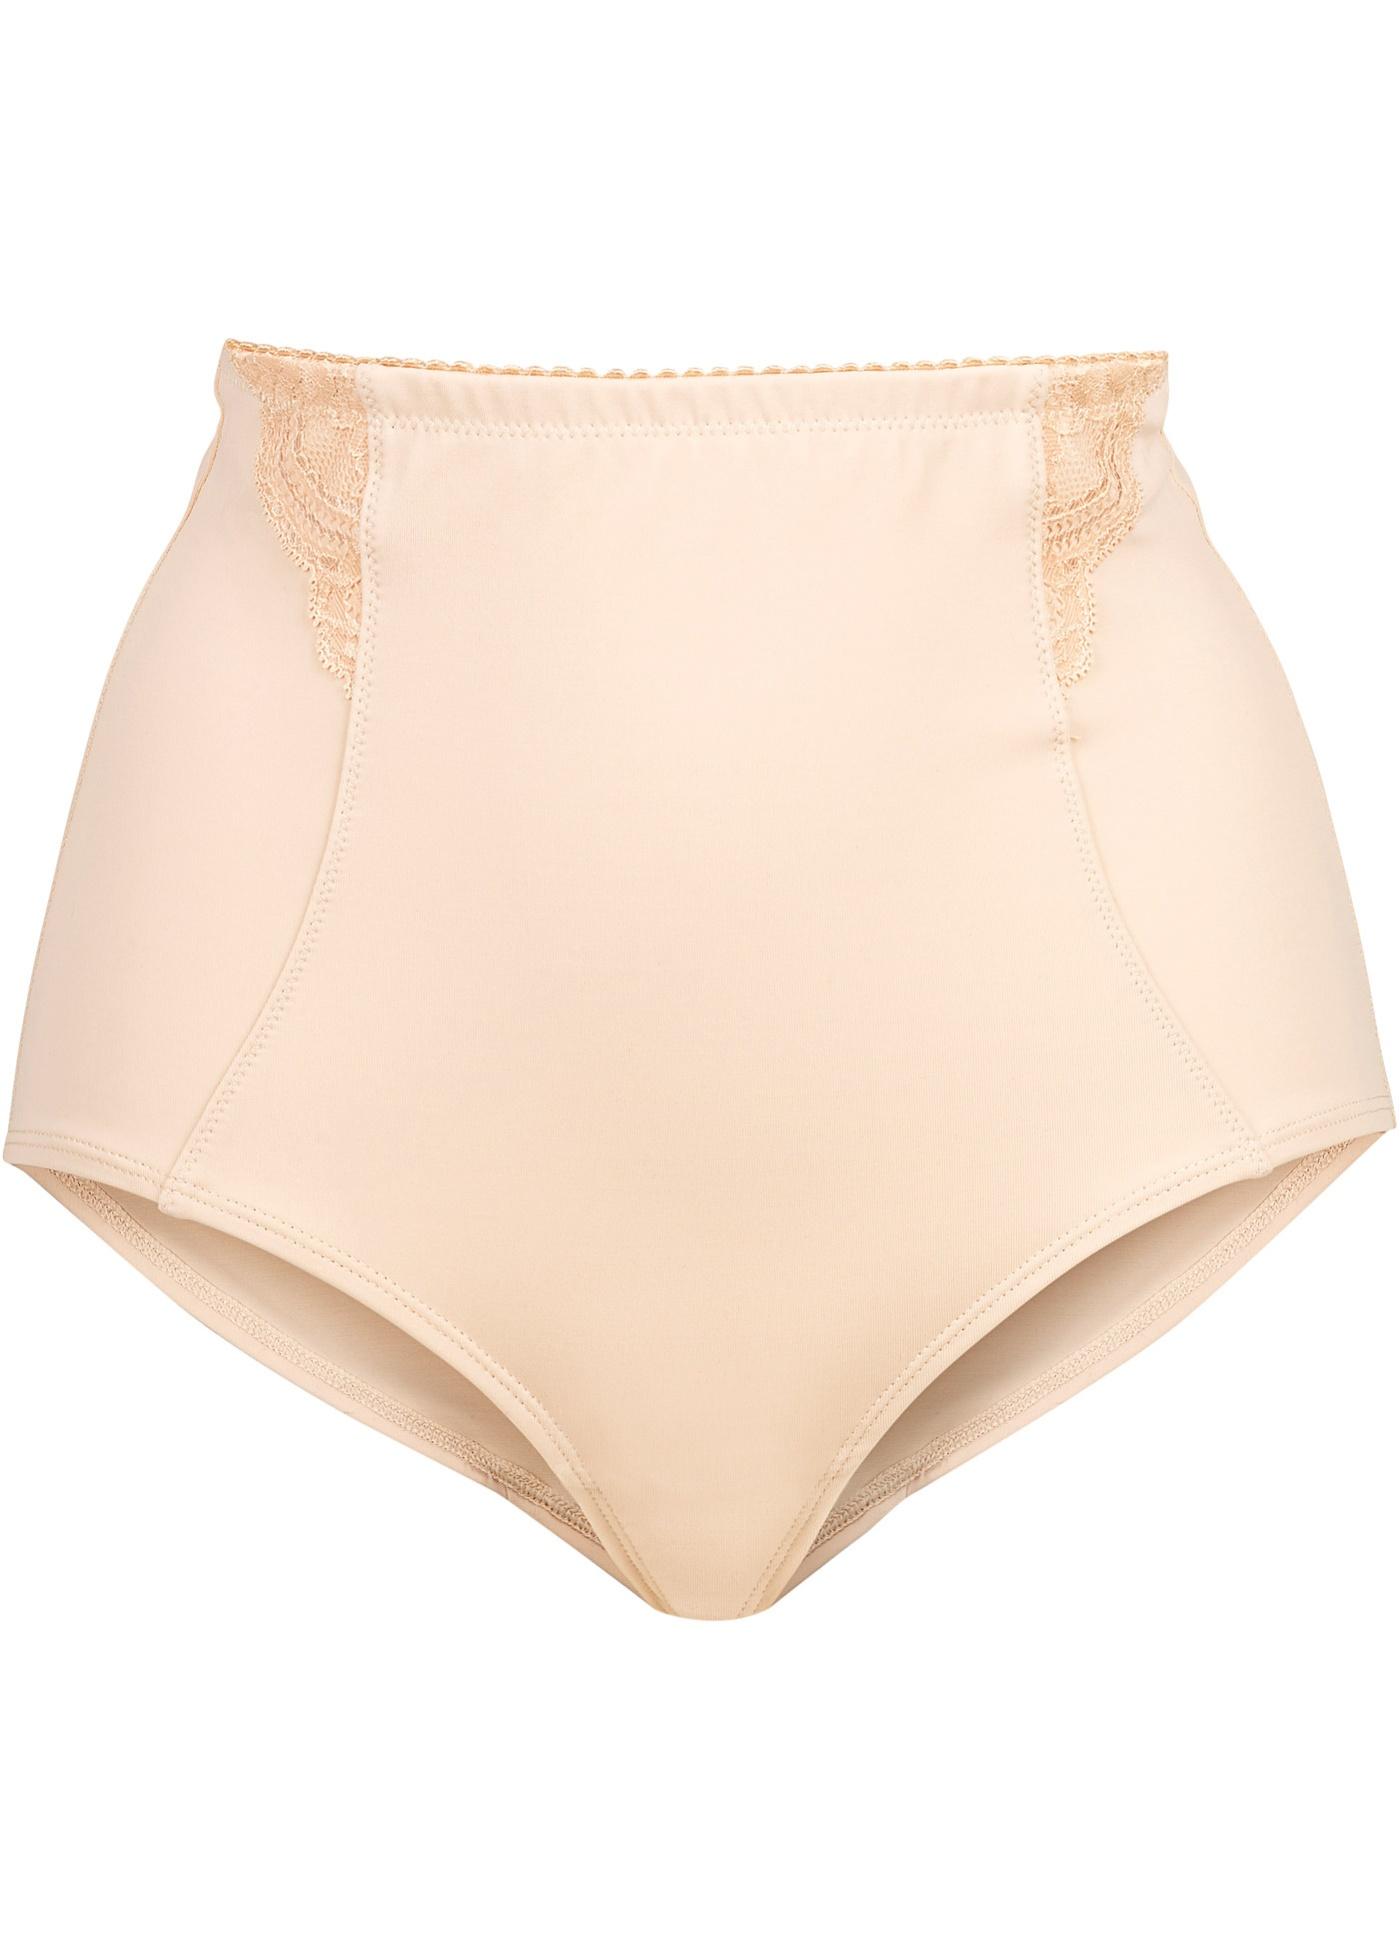 Culotte modellante livello 3 (Beige) - bpc bonprix collection - Nice Size